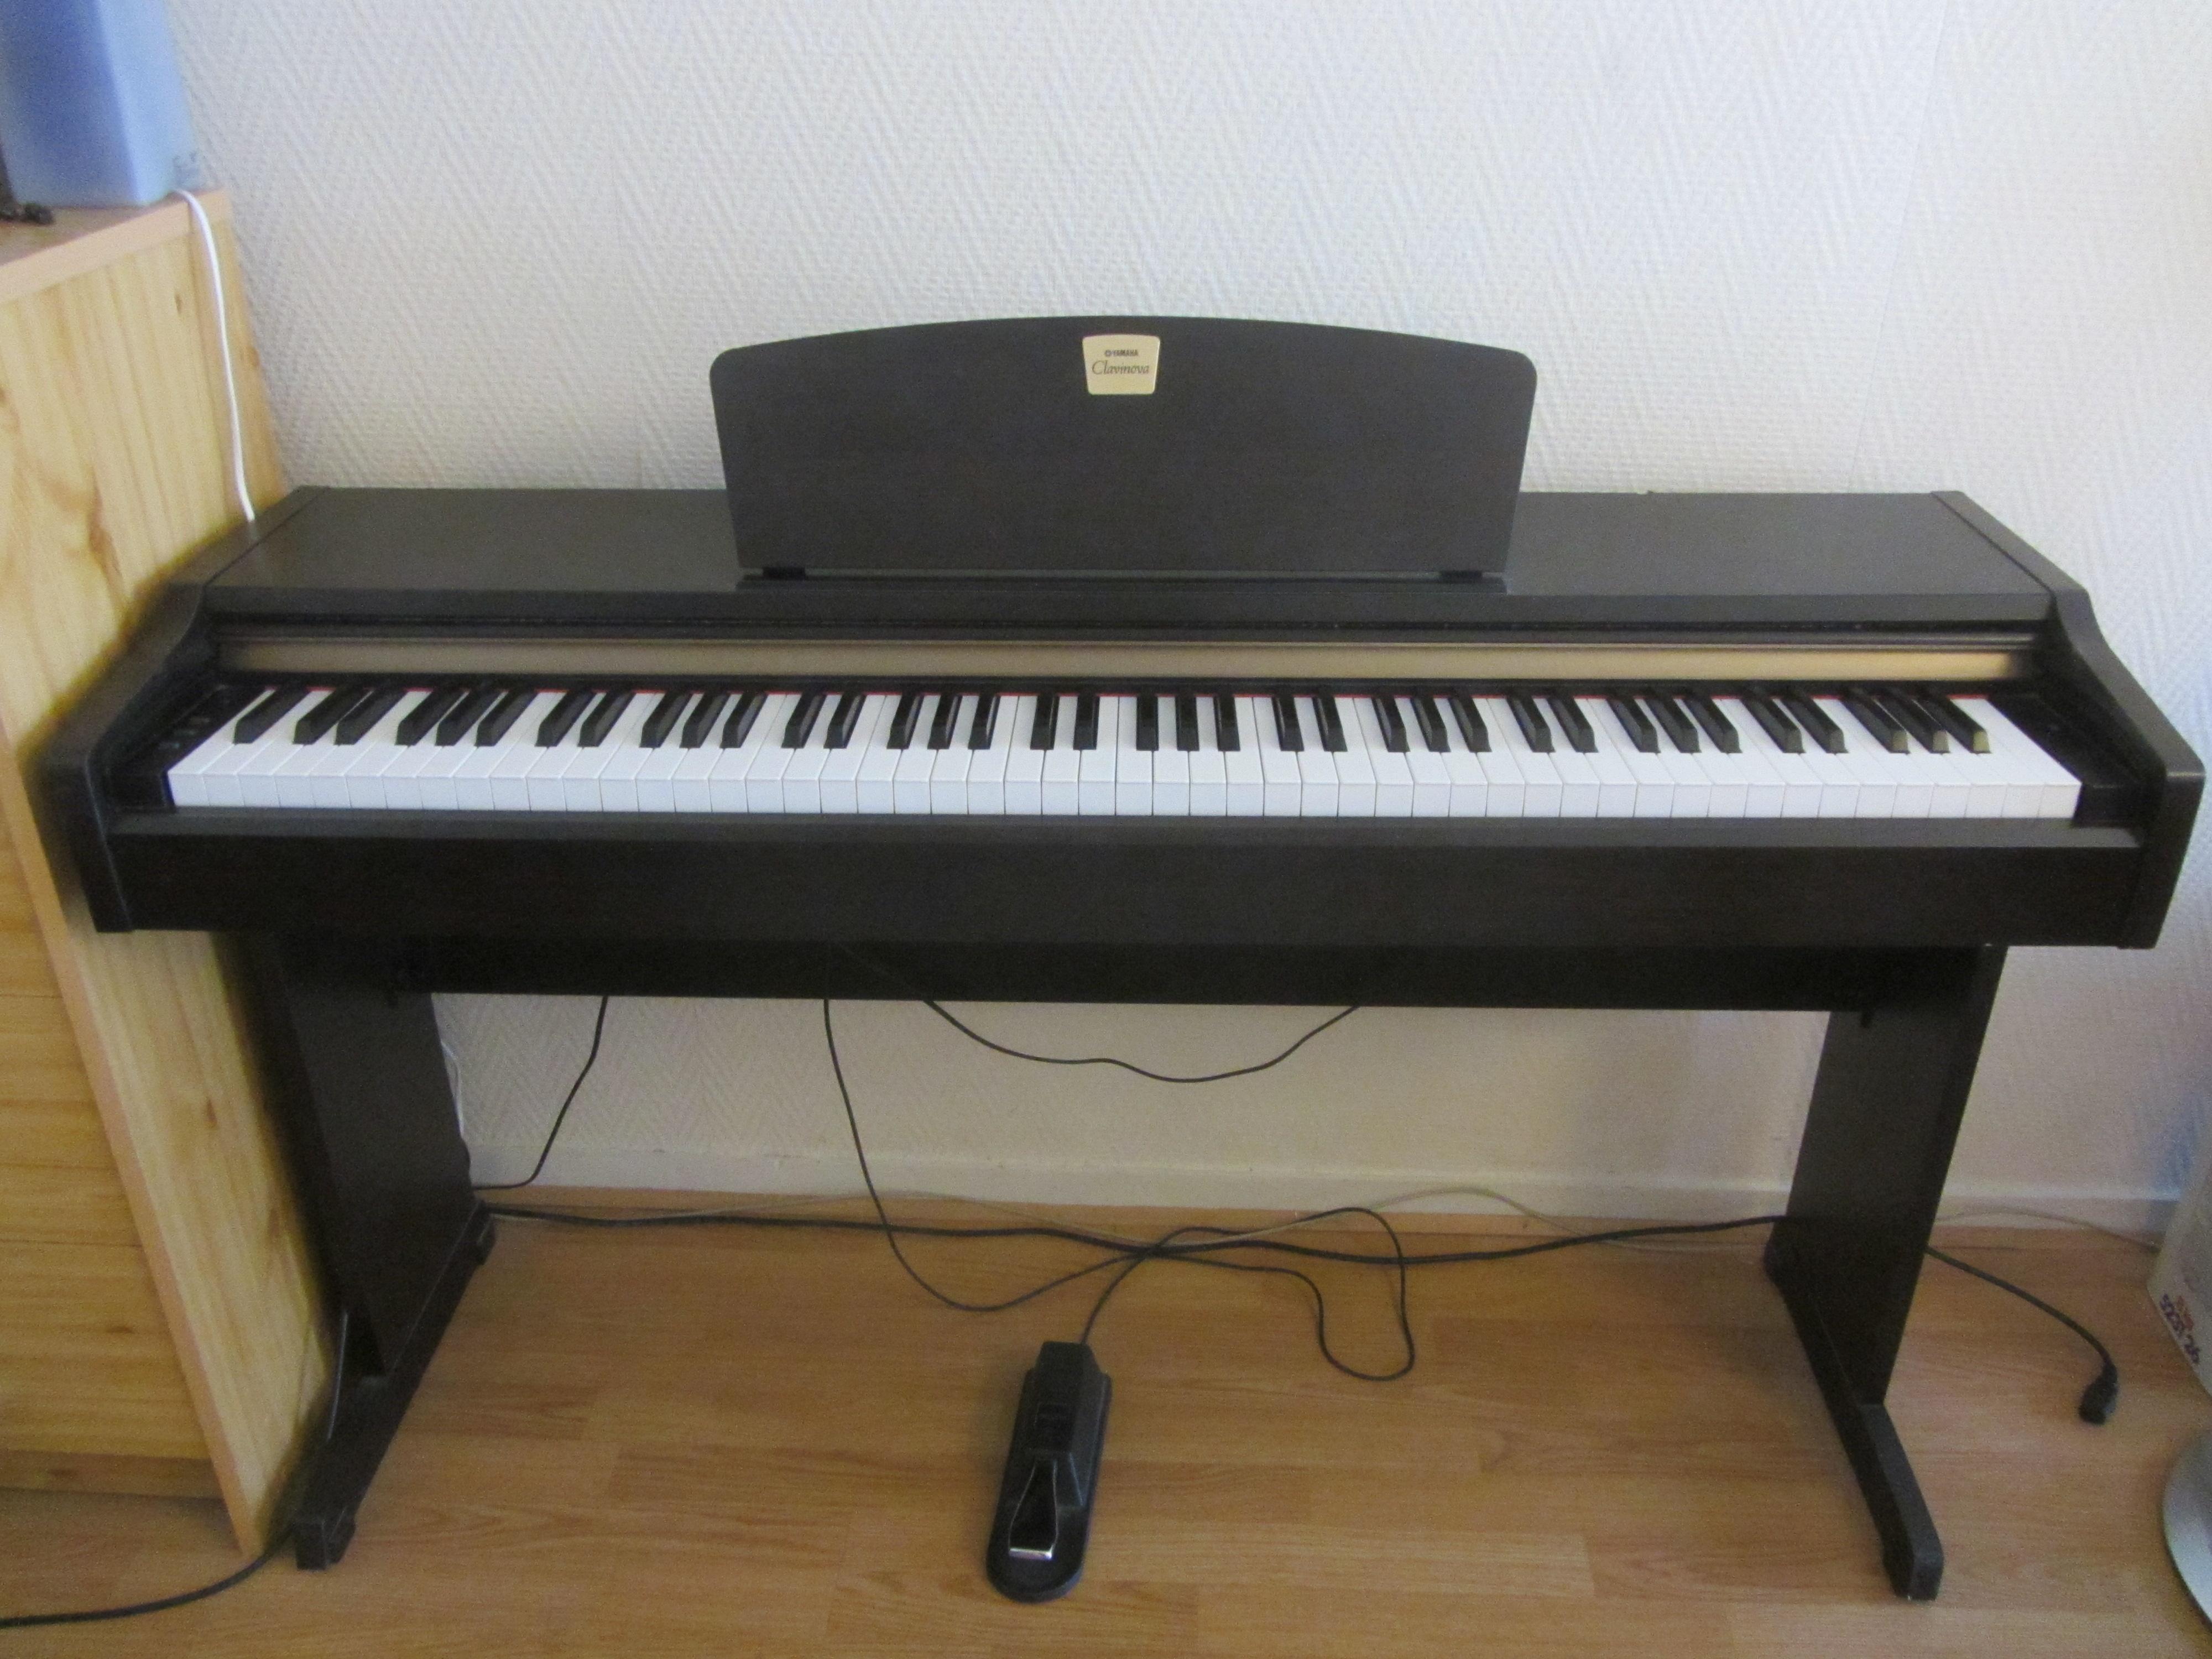 Clp 110 yamaha clp 110 audiofanzine for Yamaha clavinova clp 110